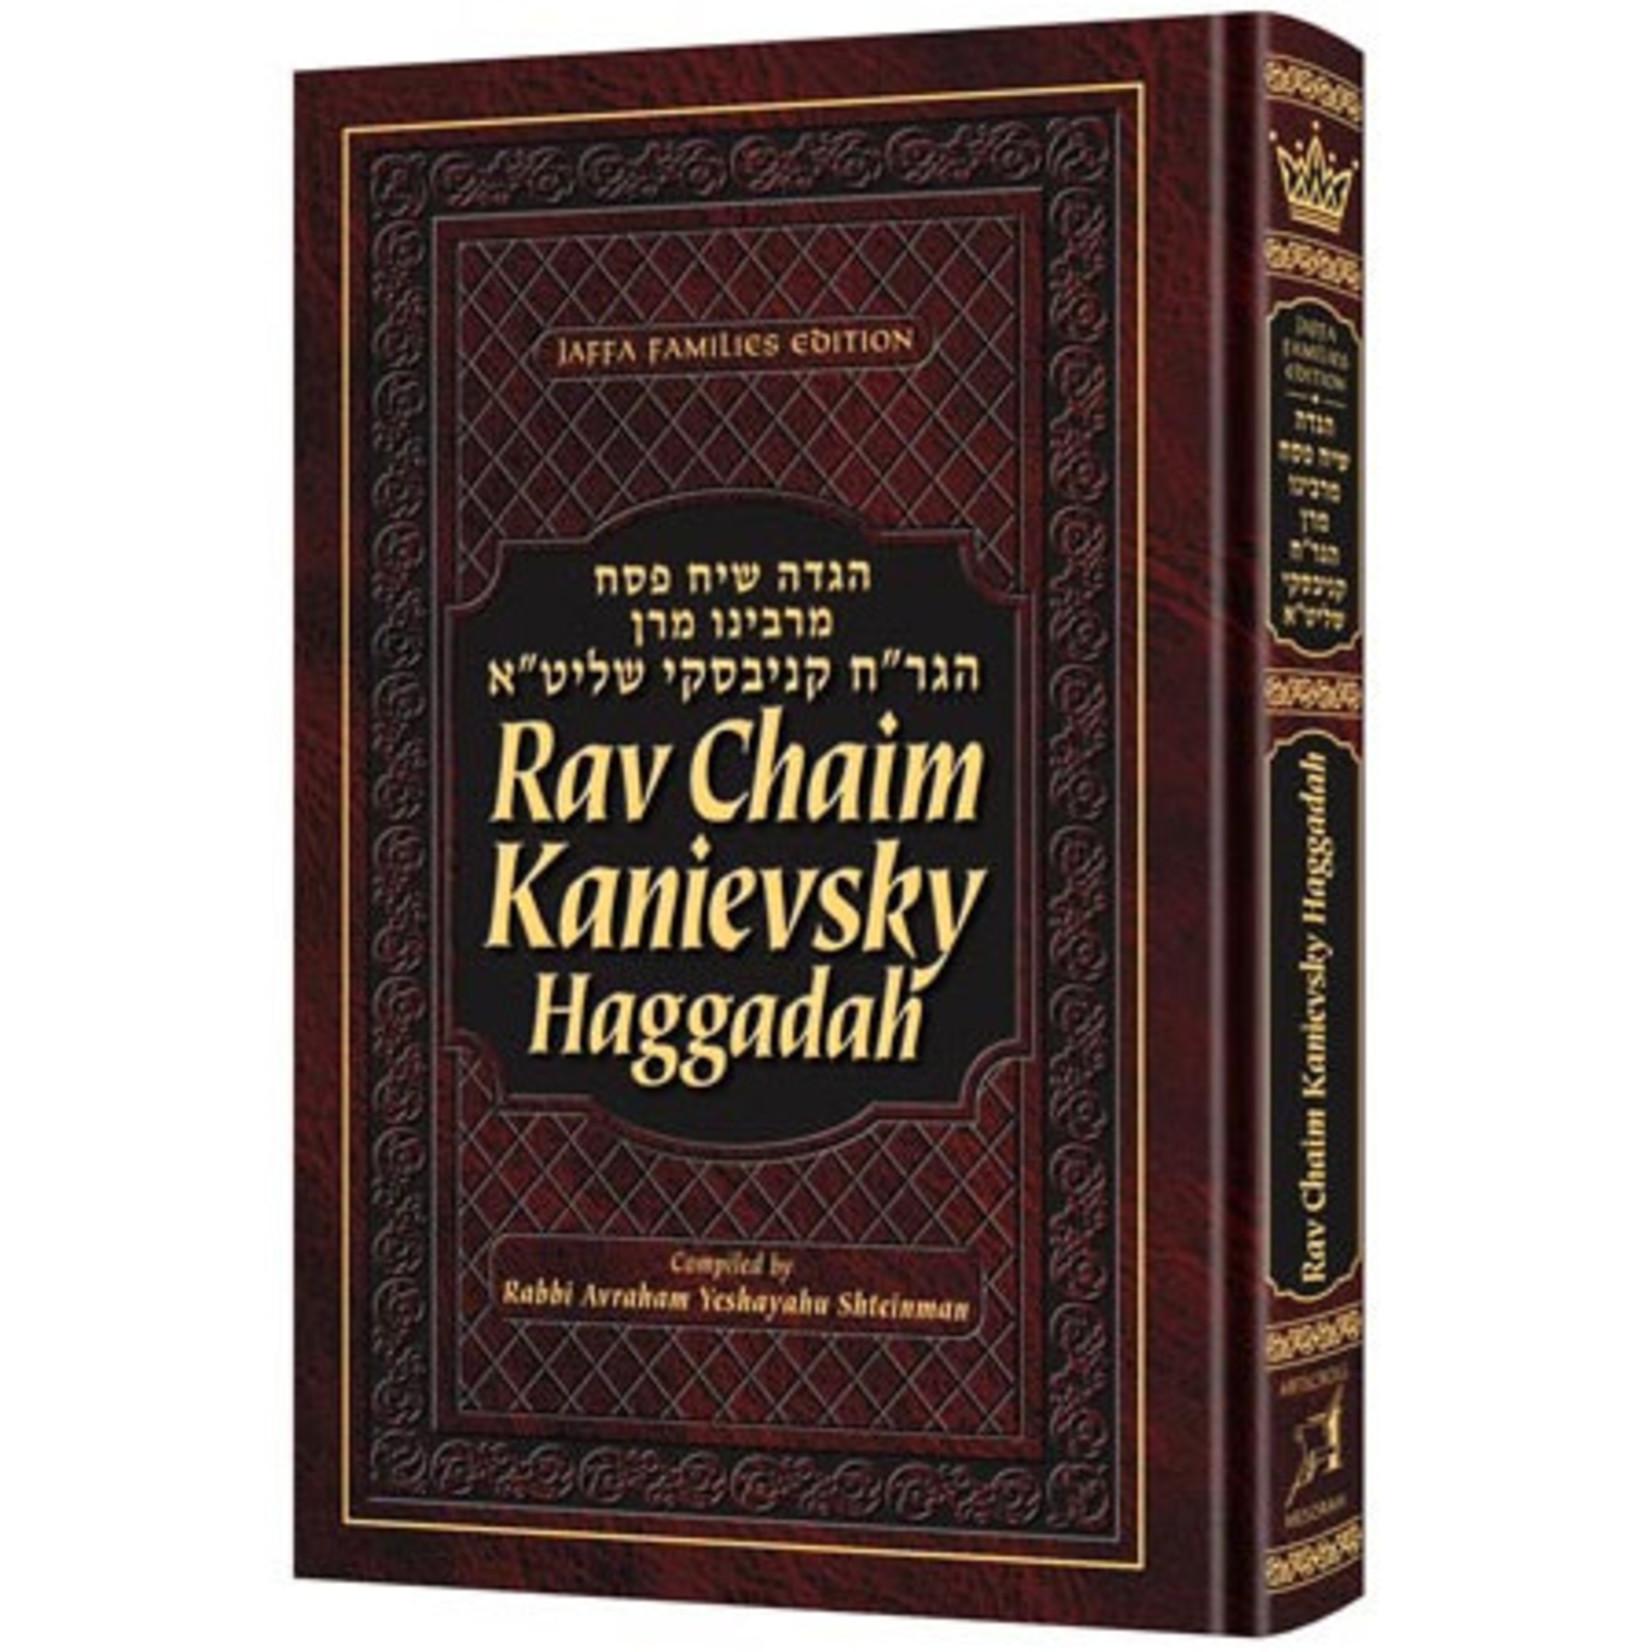 Rabbi Chaim Kanievsky Haggadah